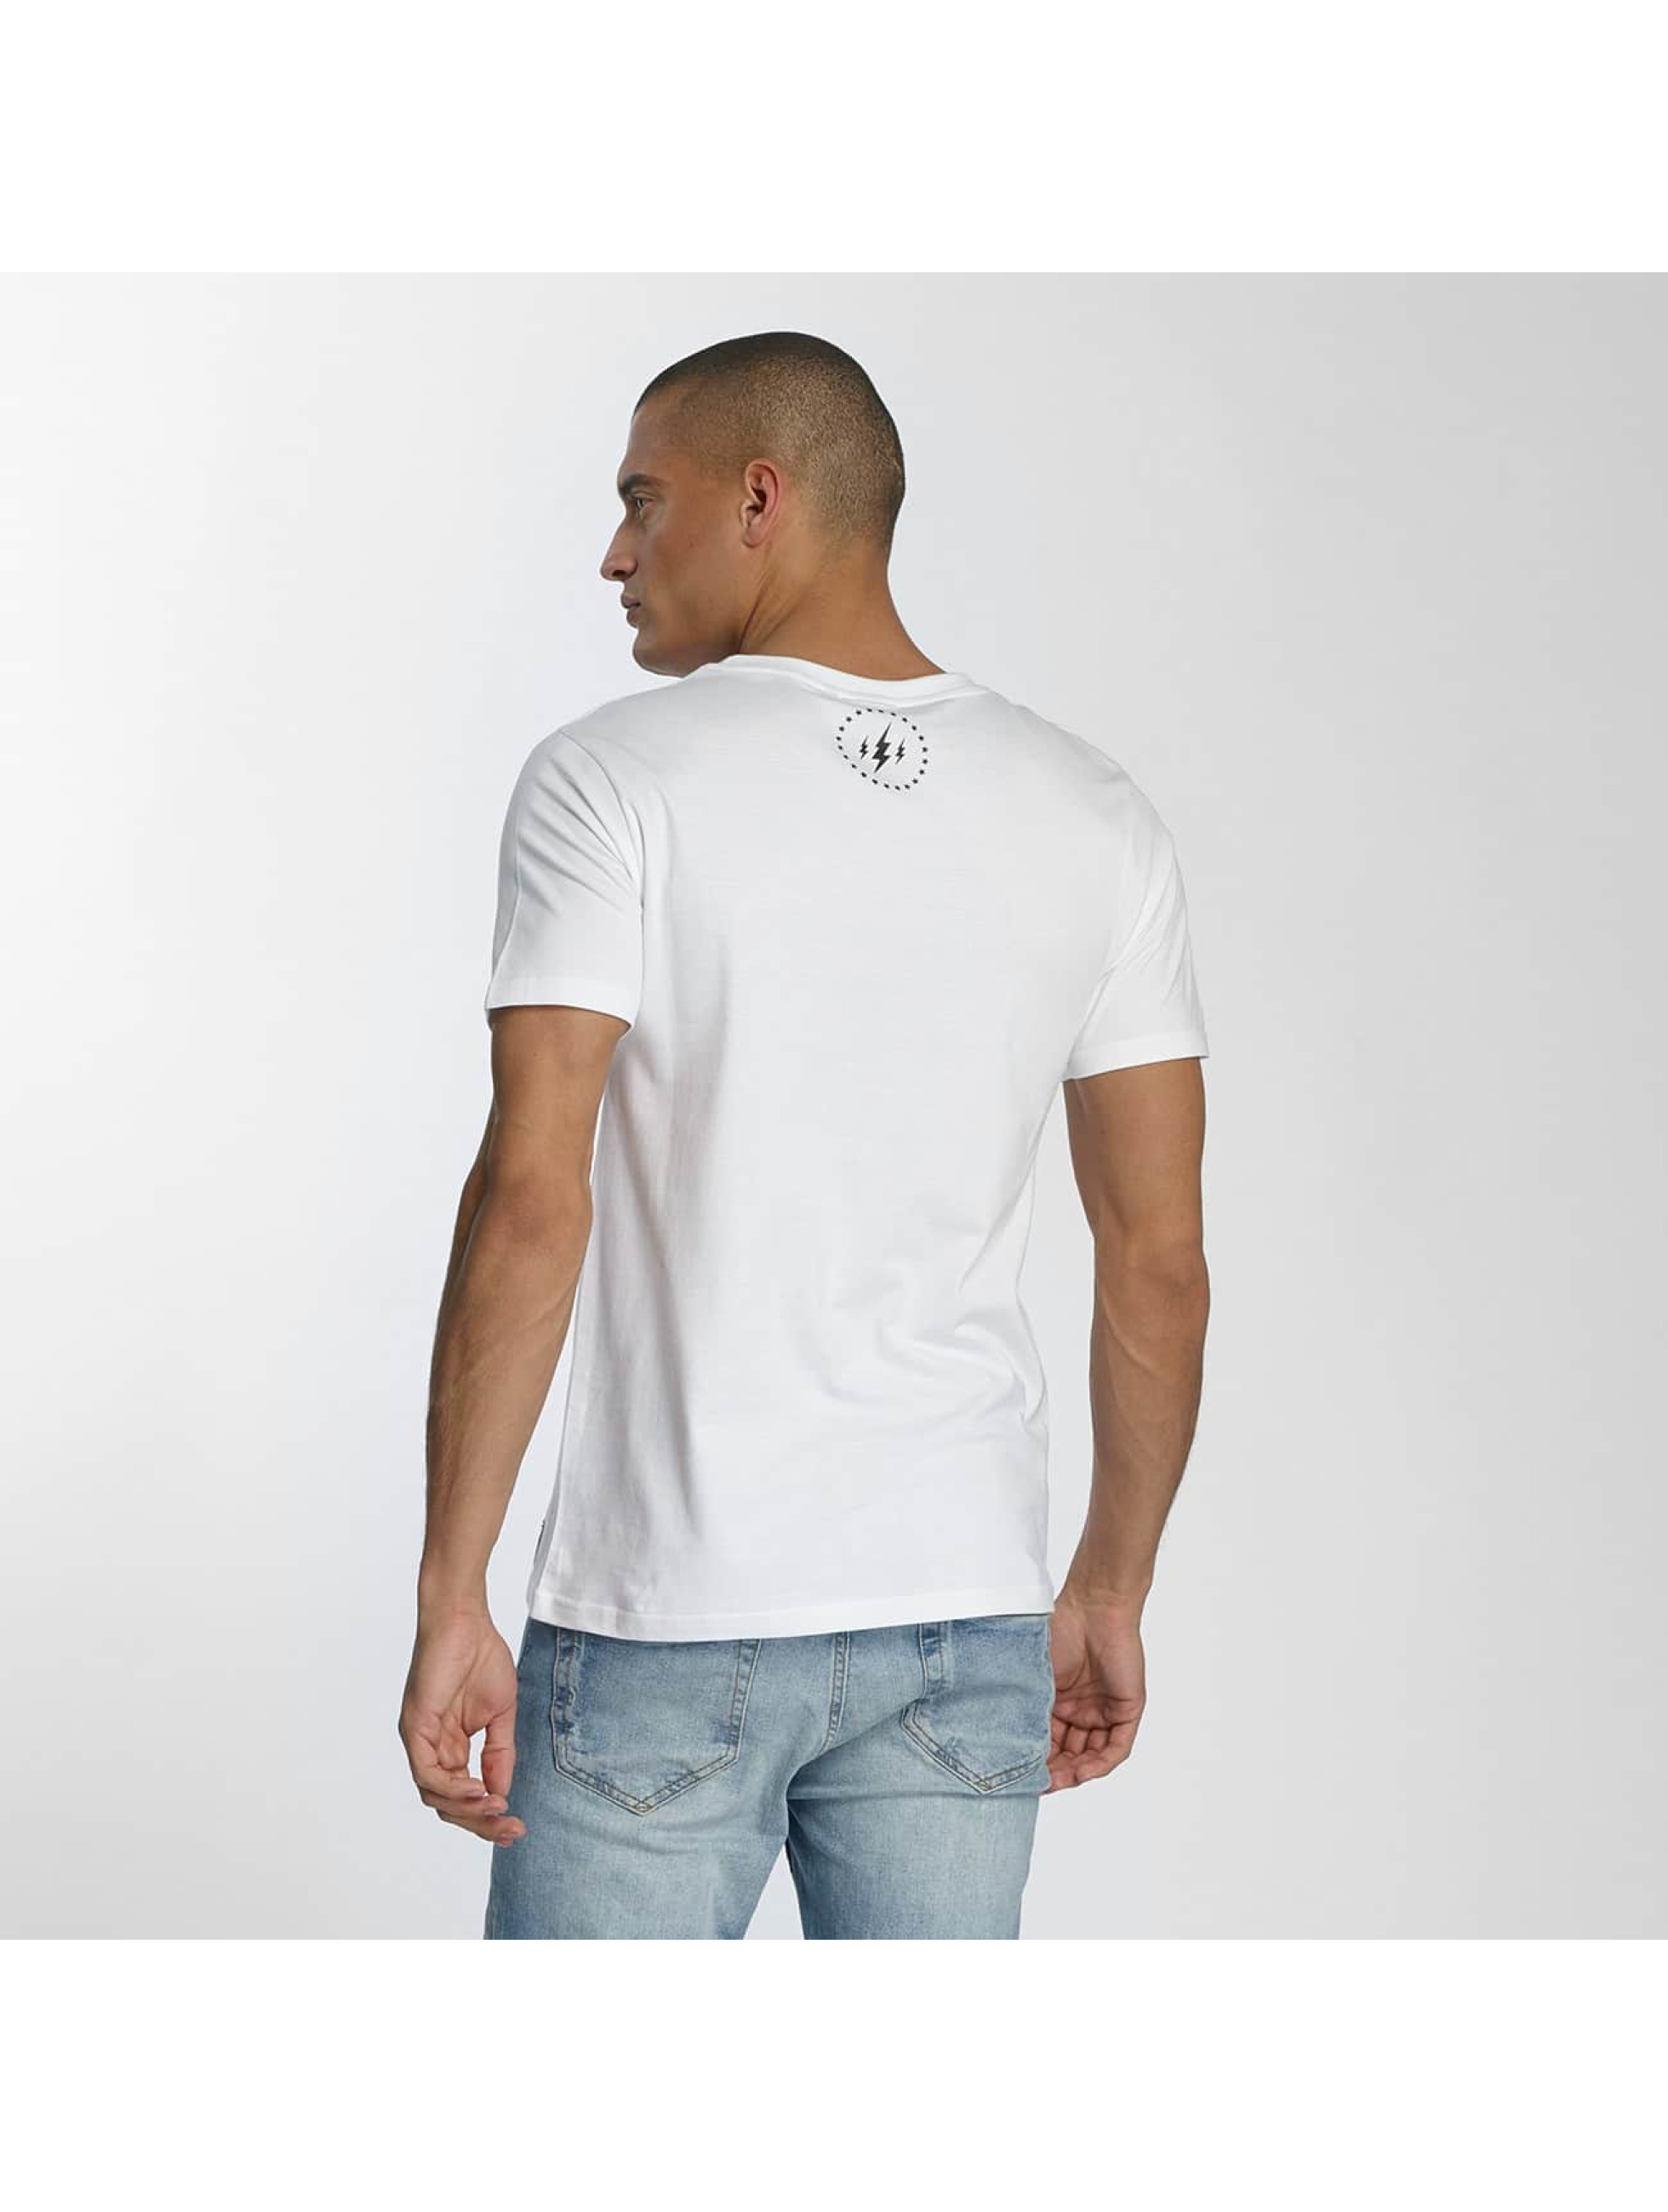 TrueSpin T-shirt 1 bianco